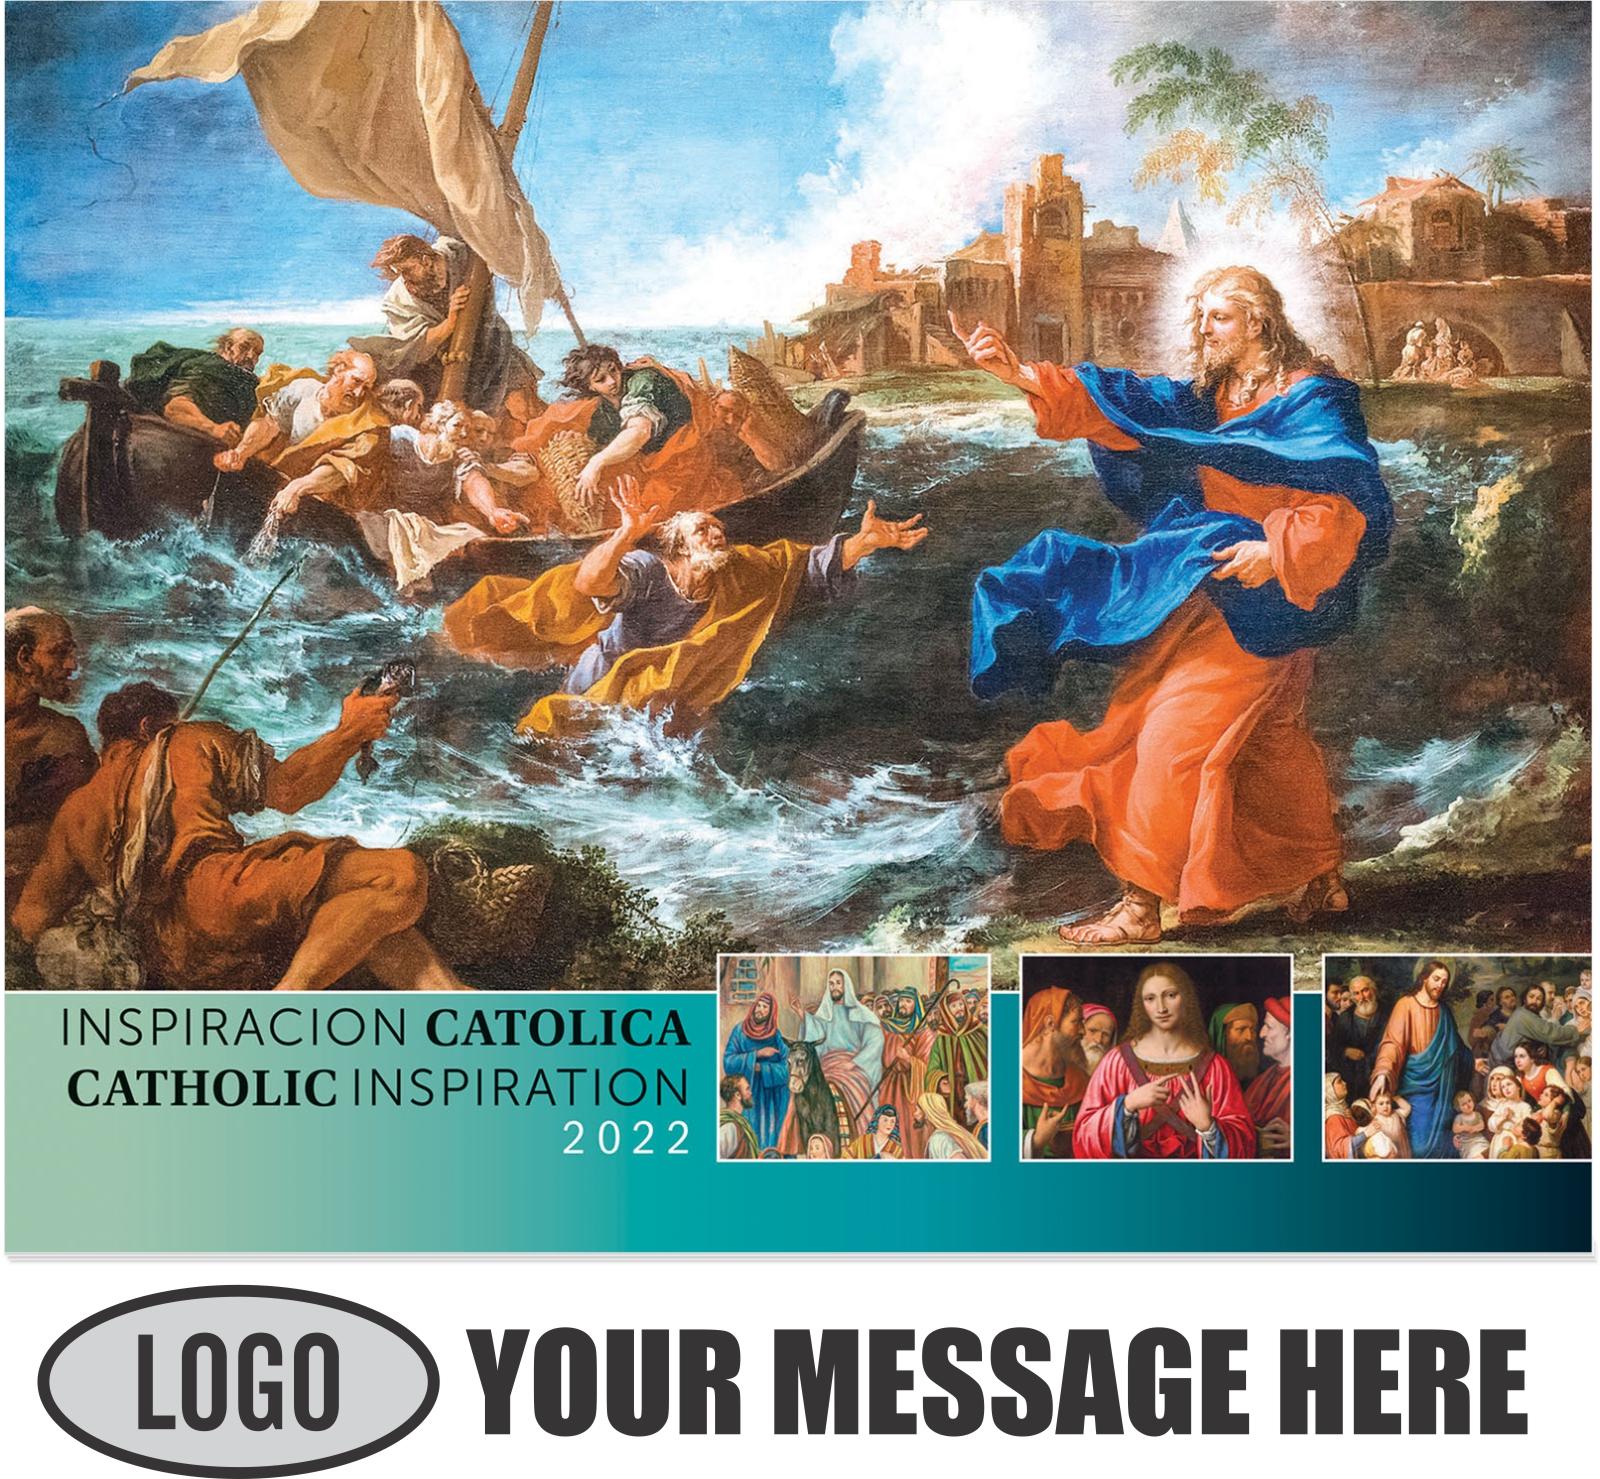 2022 Catholic Inspiration (Spanish-English bilingual) Promotional Calendar